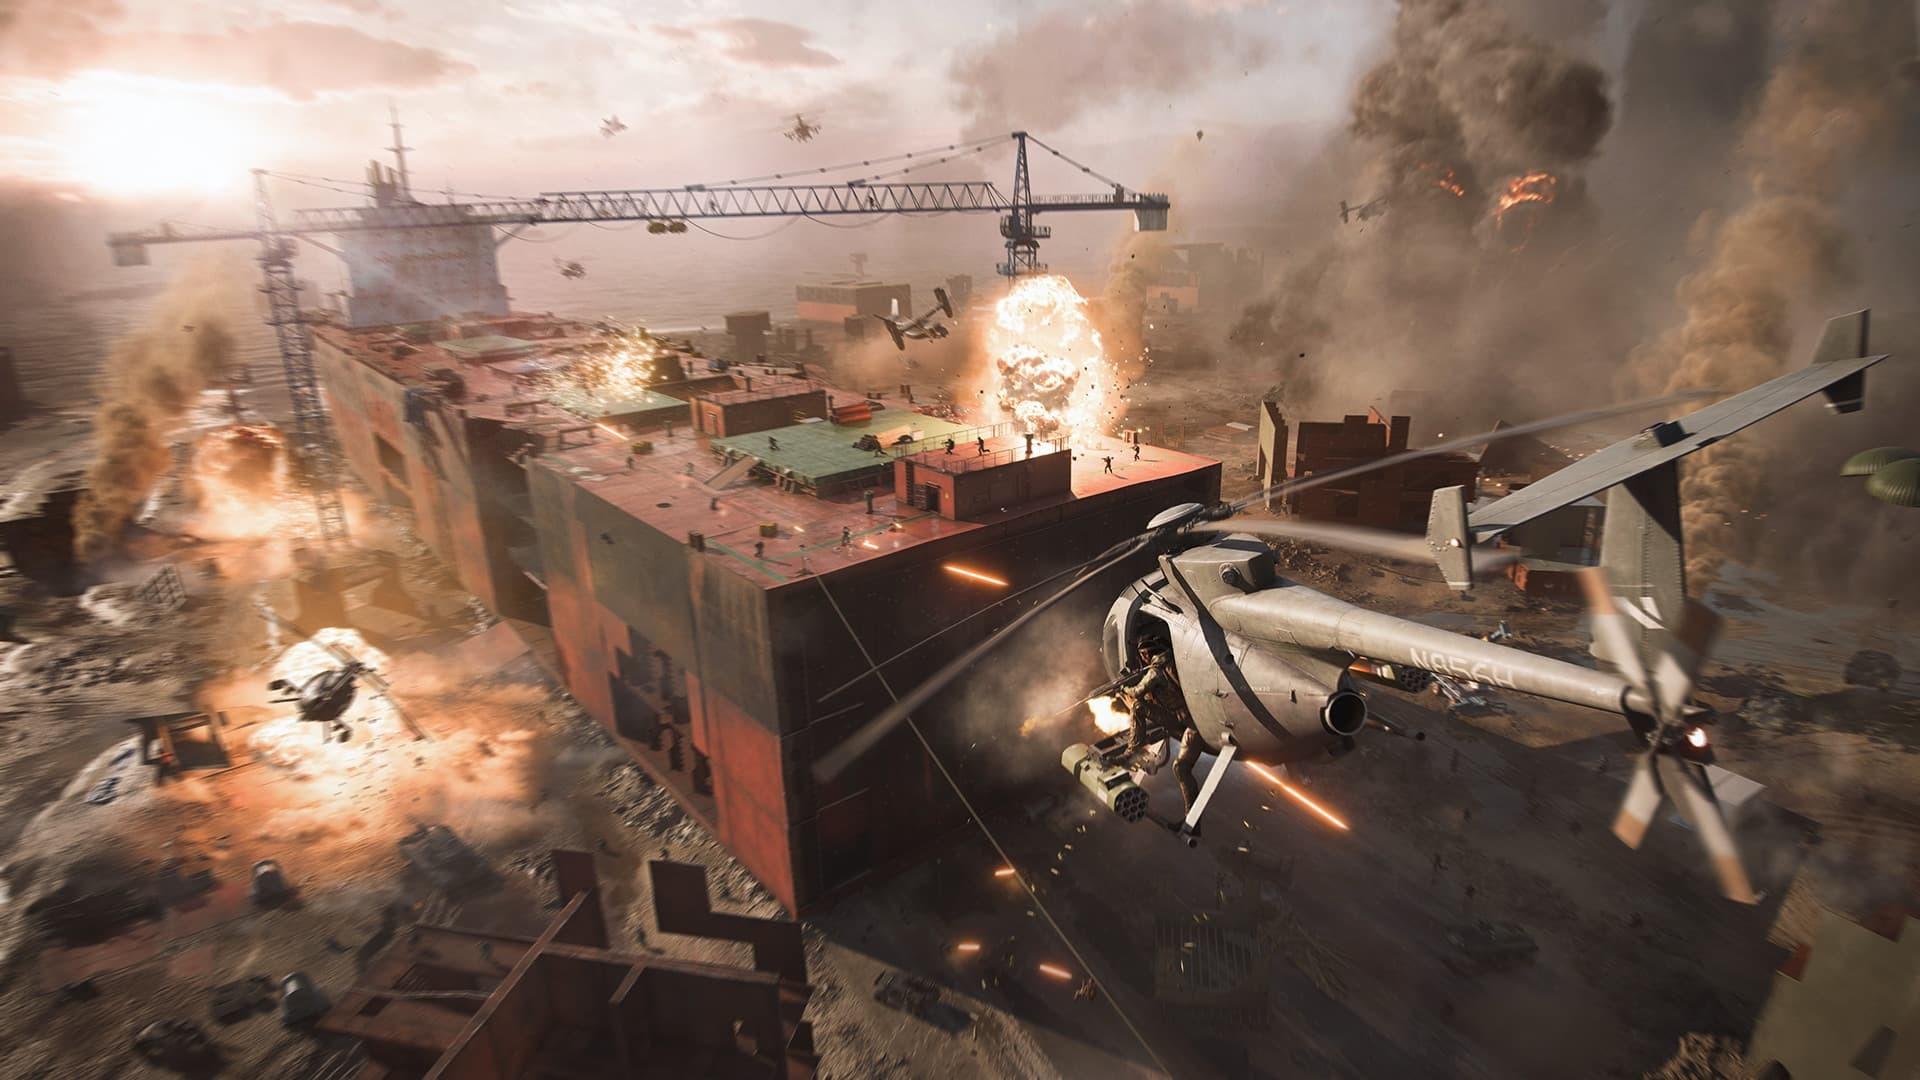 Battlefield 2042 container elicotteri e esplosioni